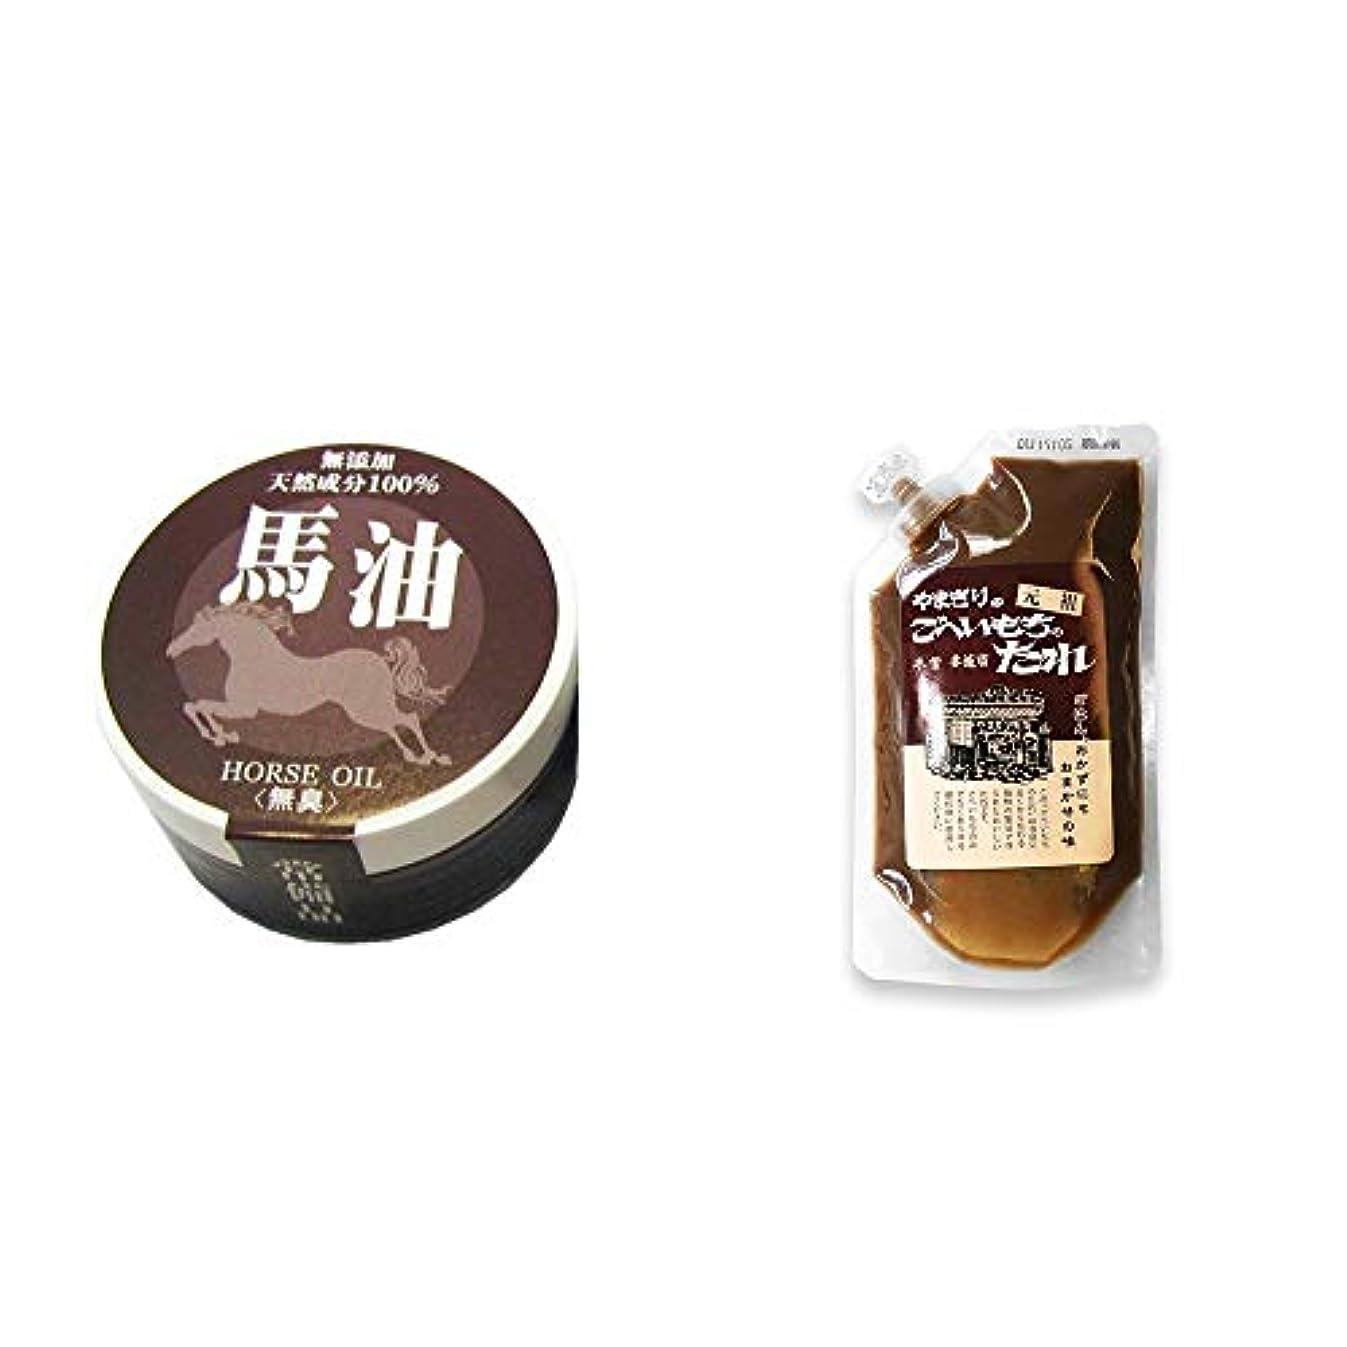 汗セクションフラスコ[2点セット] 無添加天然成分100% 馬油[無香料](38g)?妻籠宿 やまぎり食堂 ごへい餅のたれ(250g)